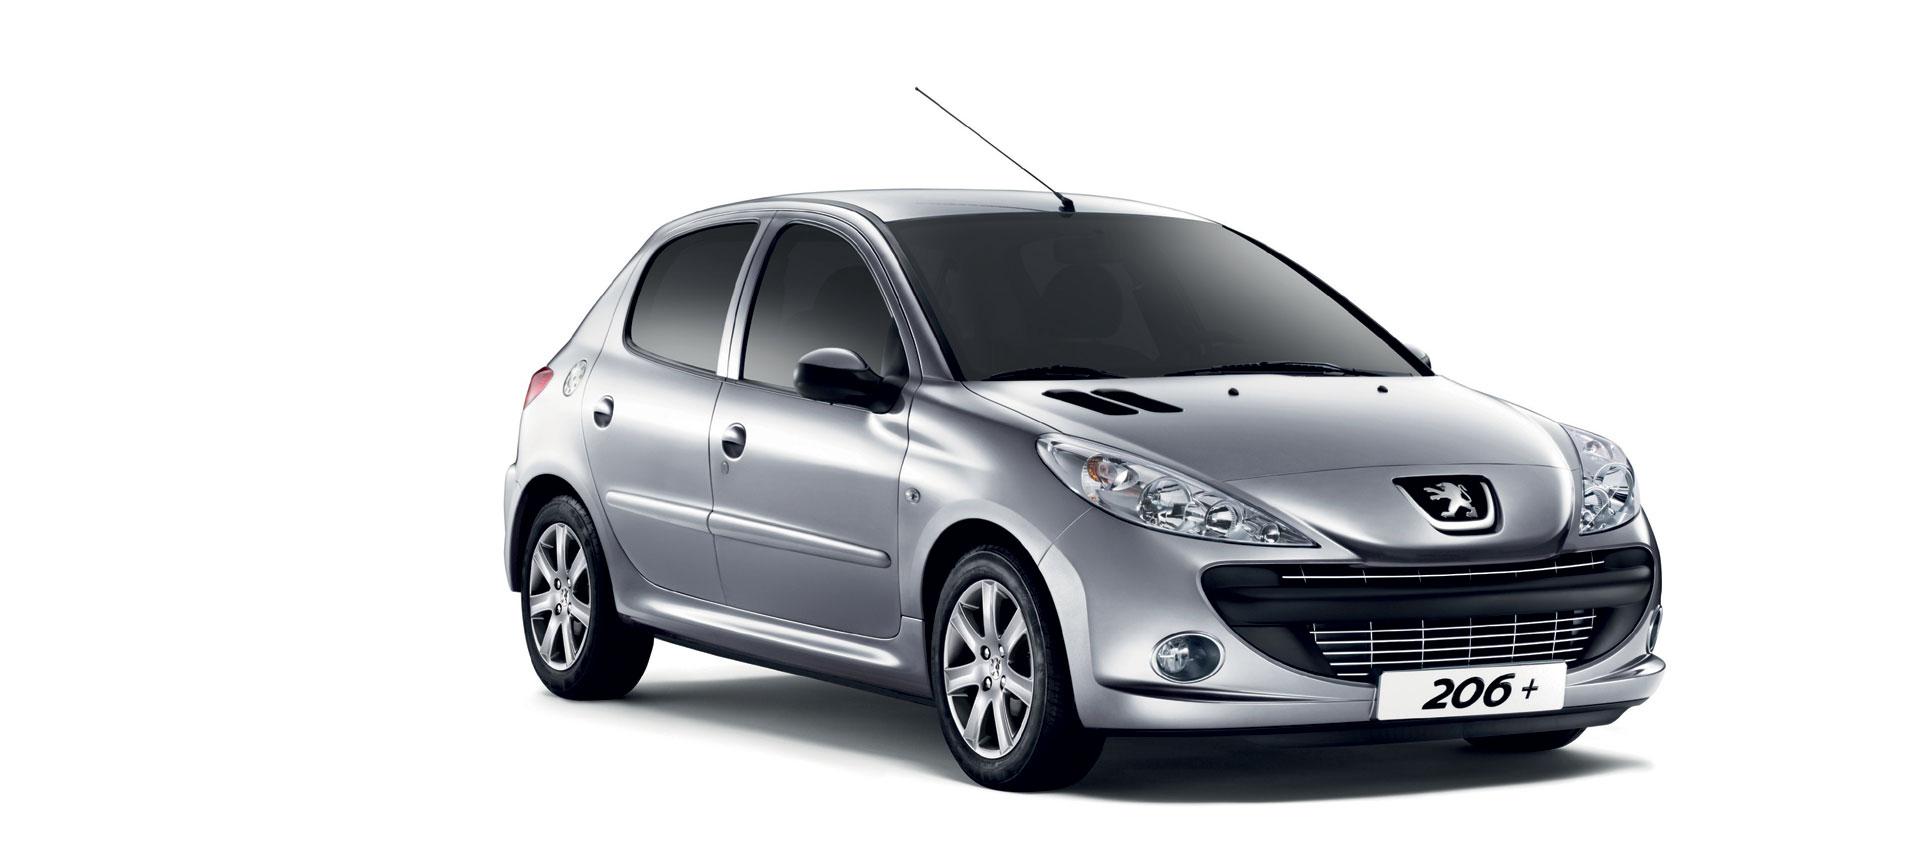 Peugeot_206plus_DESIGN_1920x845